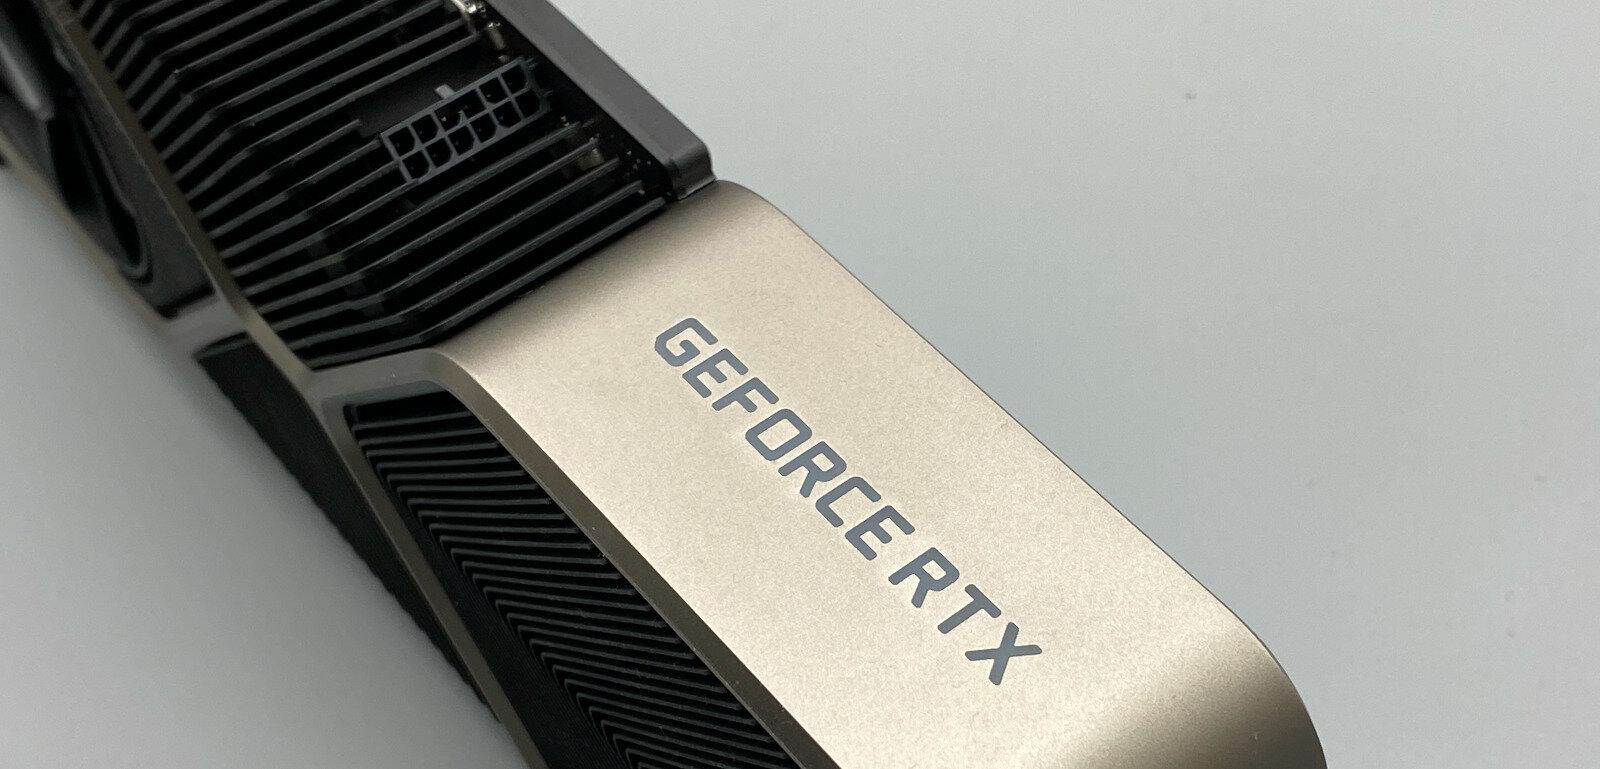 Alimentation PCIe 12 broches : NVIDIA livrera un adaptateur, Corsair prépare un câble